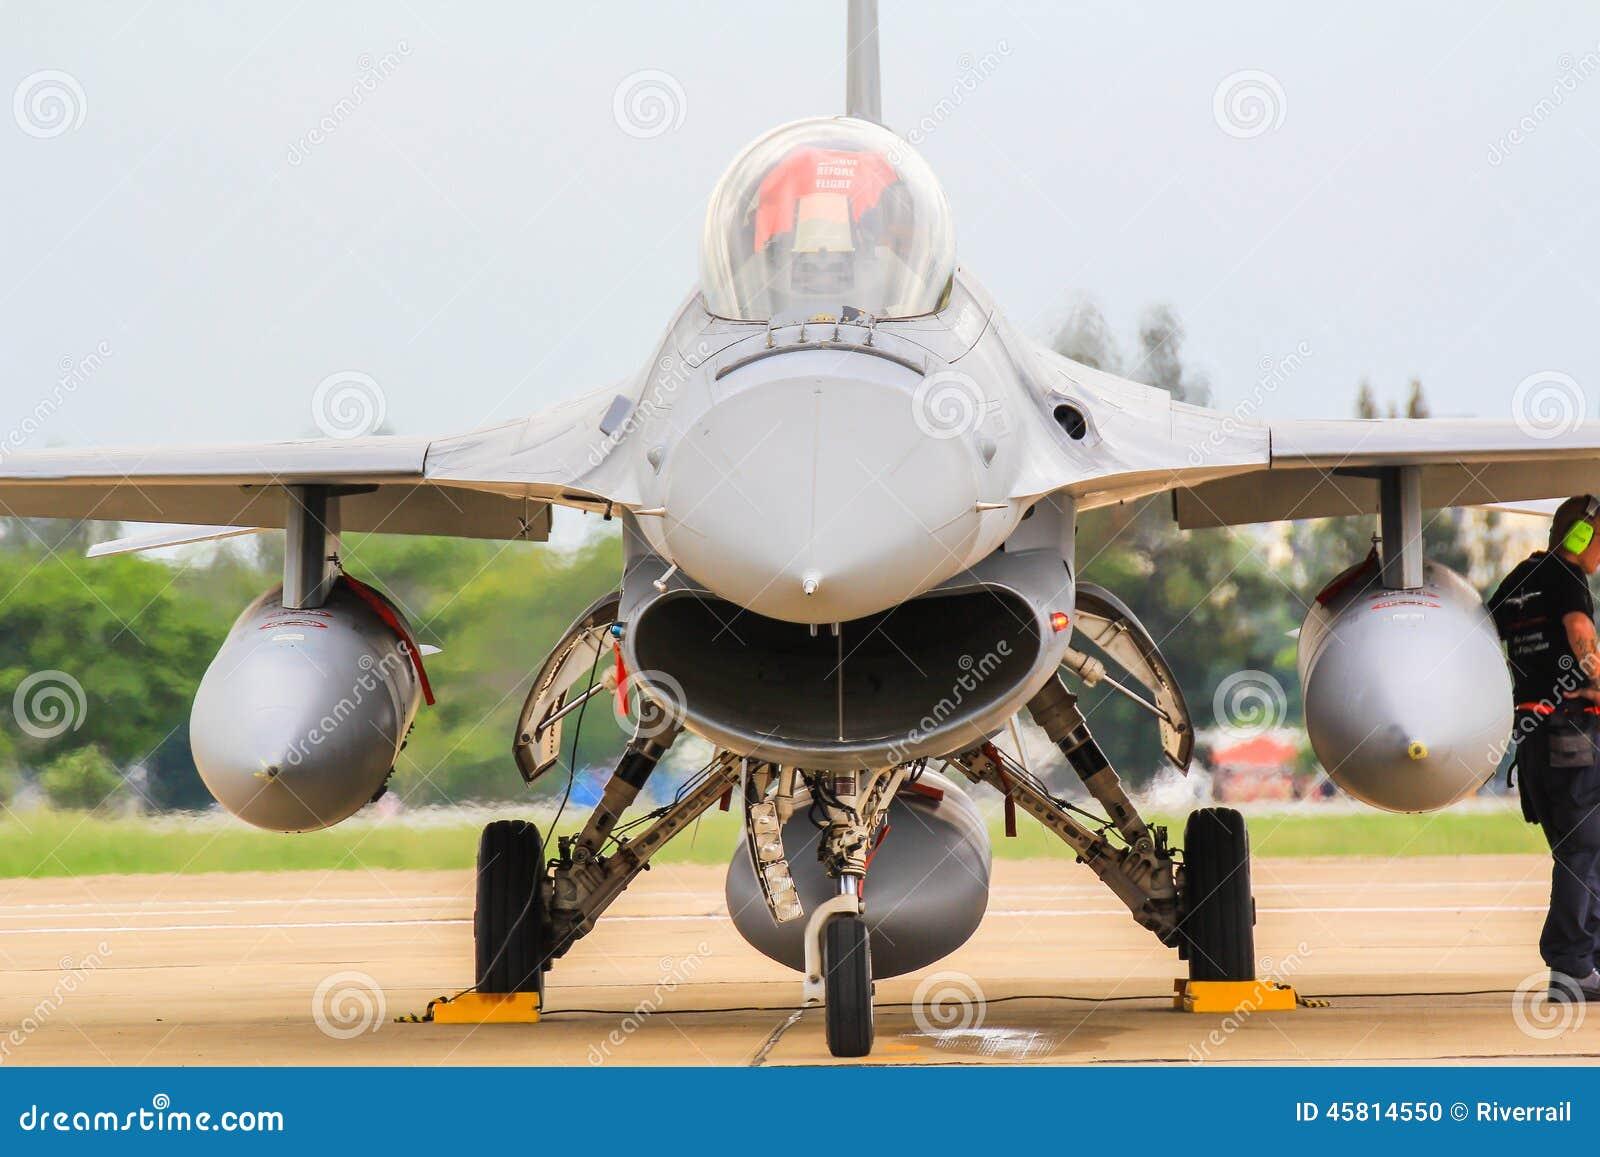 ΜΠΑΝΓΚΟΚ, ΤΑΪΛΑΝΔΗ - 30 ΙΟΥΝΊΟΥ: Το F-16 της βασιλικής ταϊλανδικής Πολεμικής Αεροπορίας παρουσιάζει φεστιβάλ